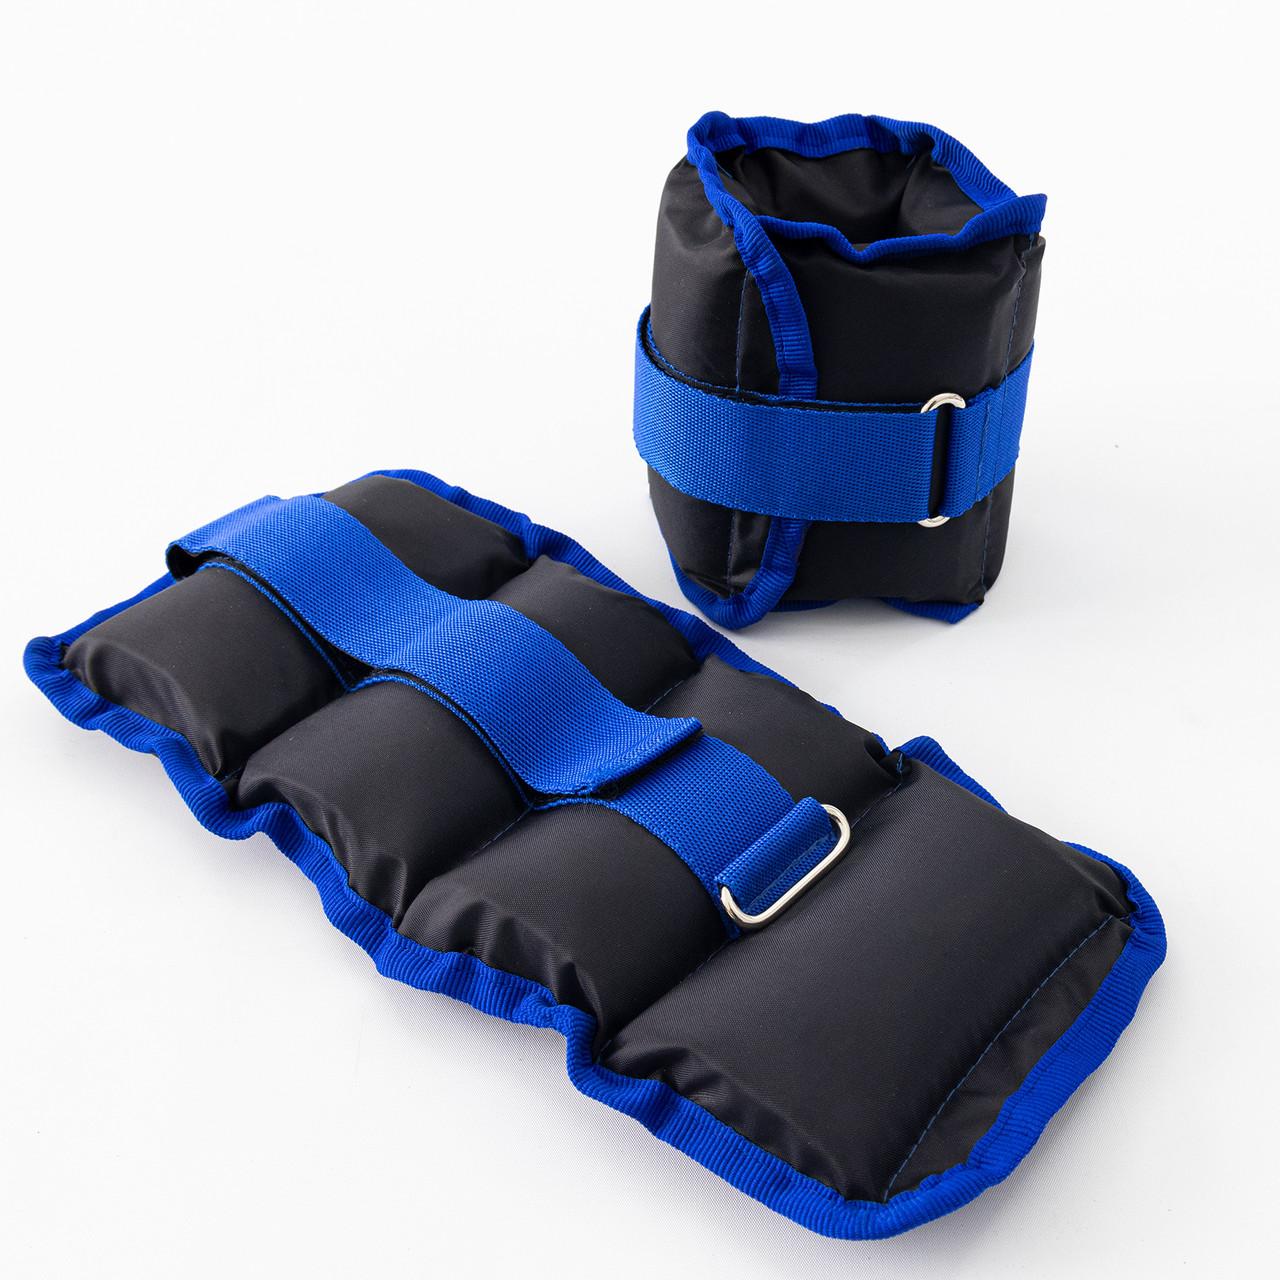 Утяжелители для ног и рук (манжеты для фитнеса и бега) OSPORT Lite Comfort 2шт по 1кг (FI-0117)